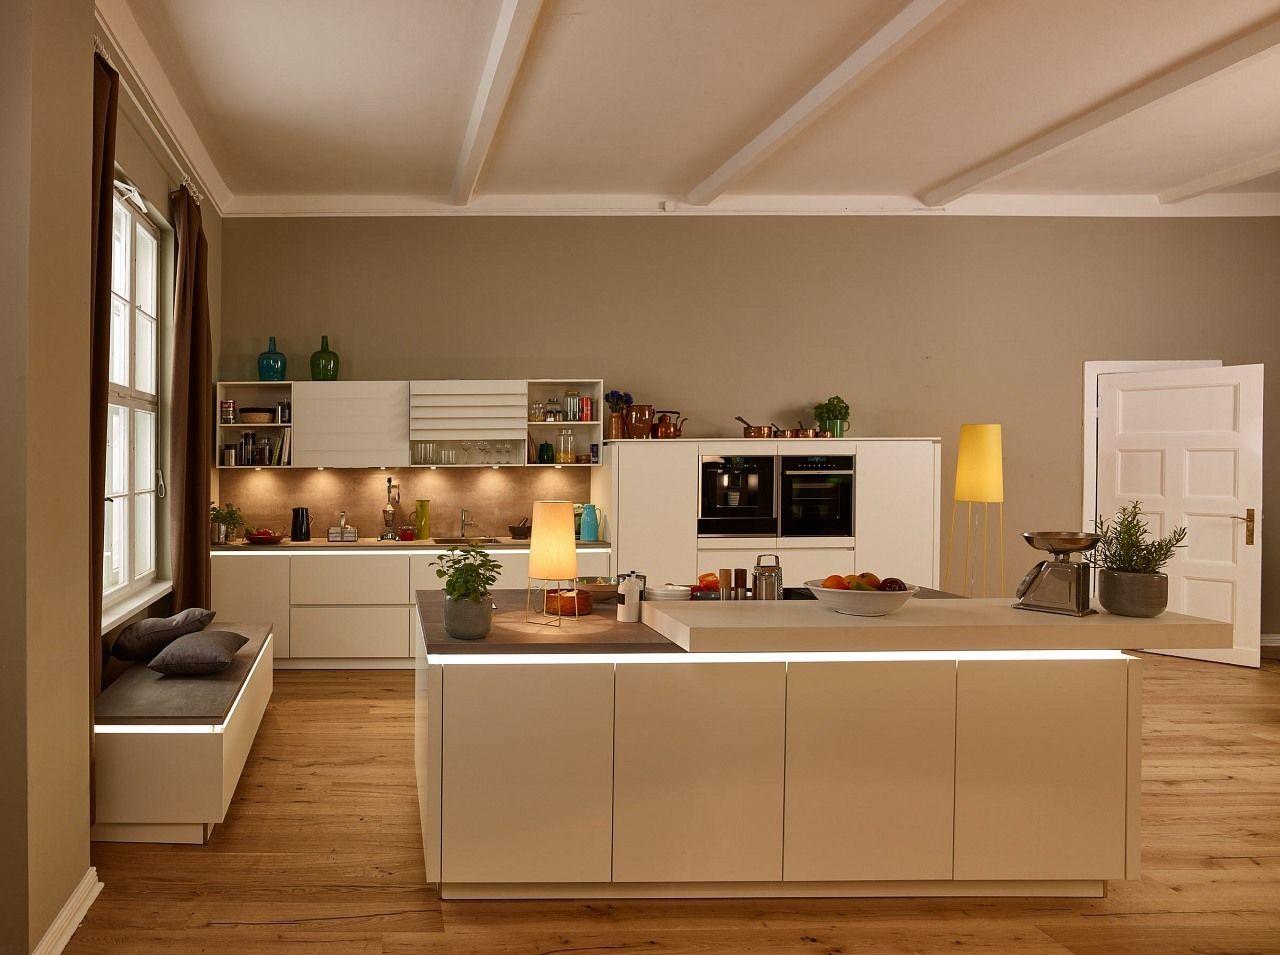 Indirektes Licht Zaubert Eine Tolle Atmosphare In Dein Zuhause Besonders In Kombination Mit Einer Hellen Kuche Schafft Indirekt Einbaukuche Kuche Kuche Planen